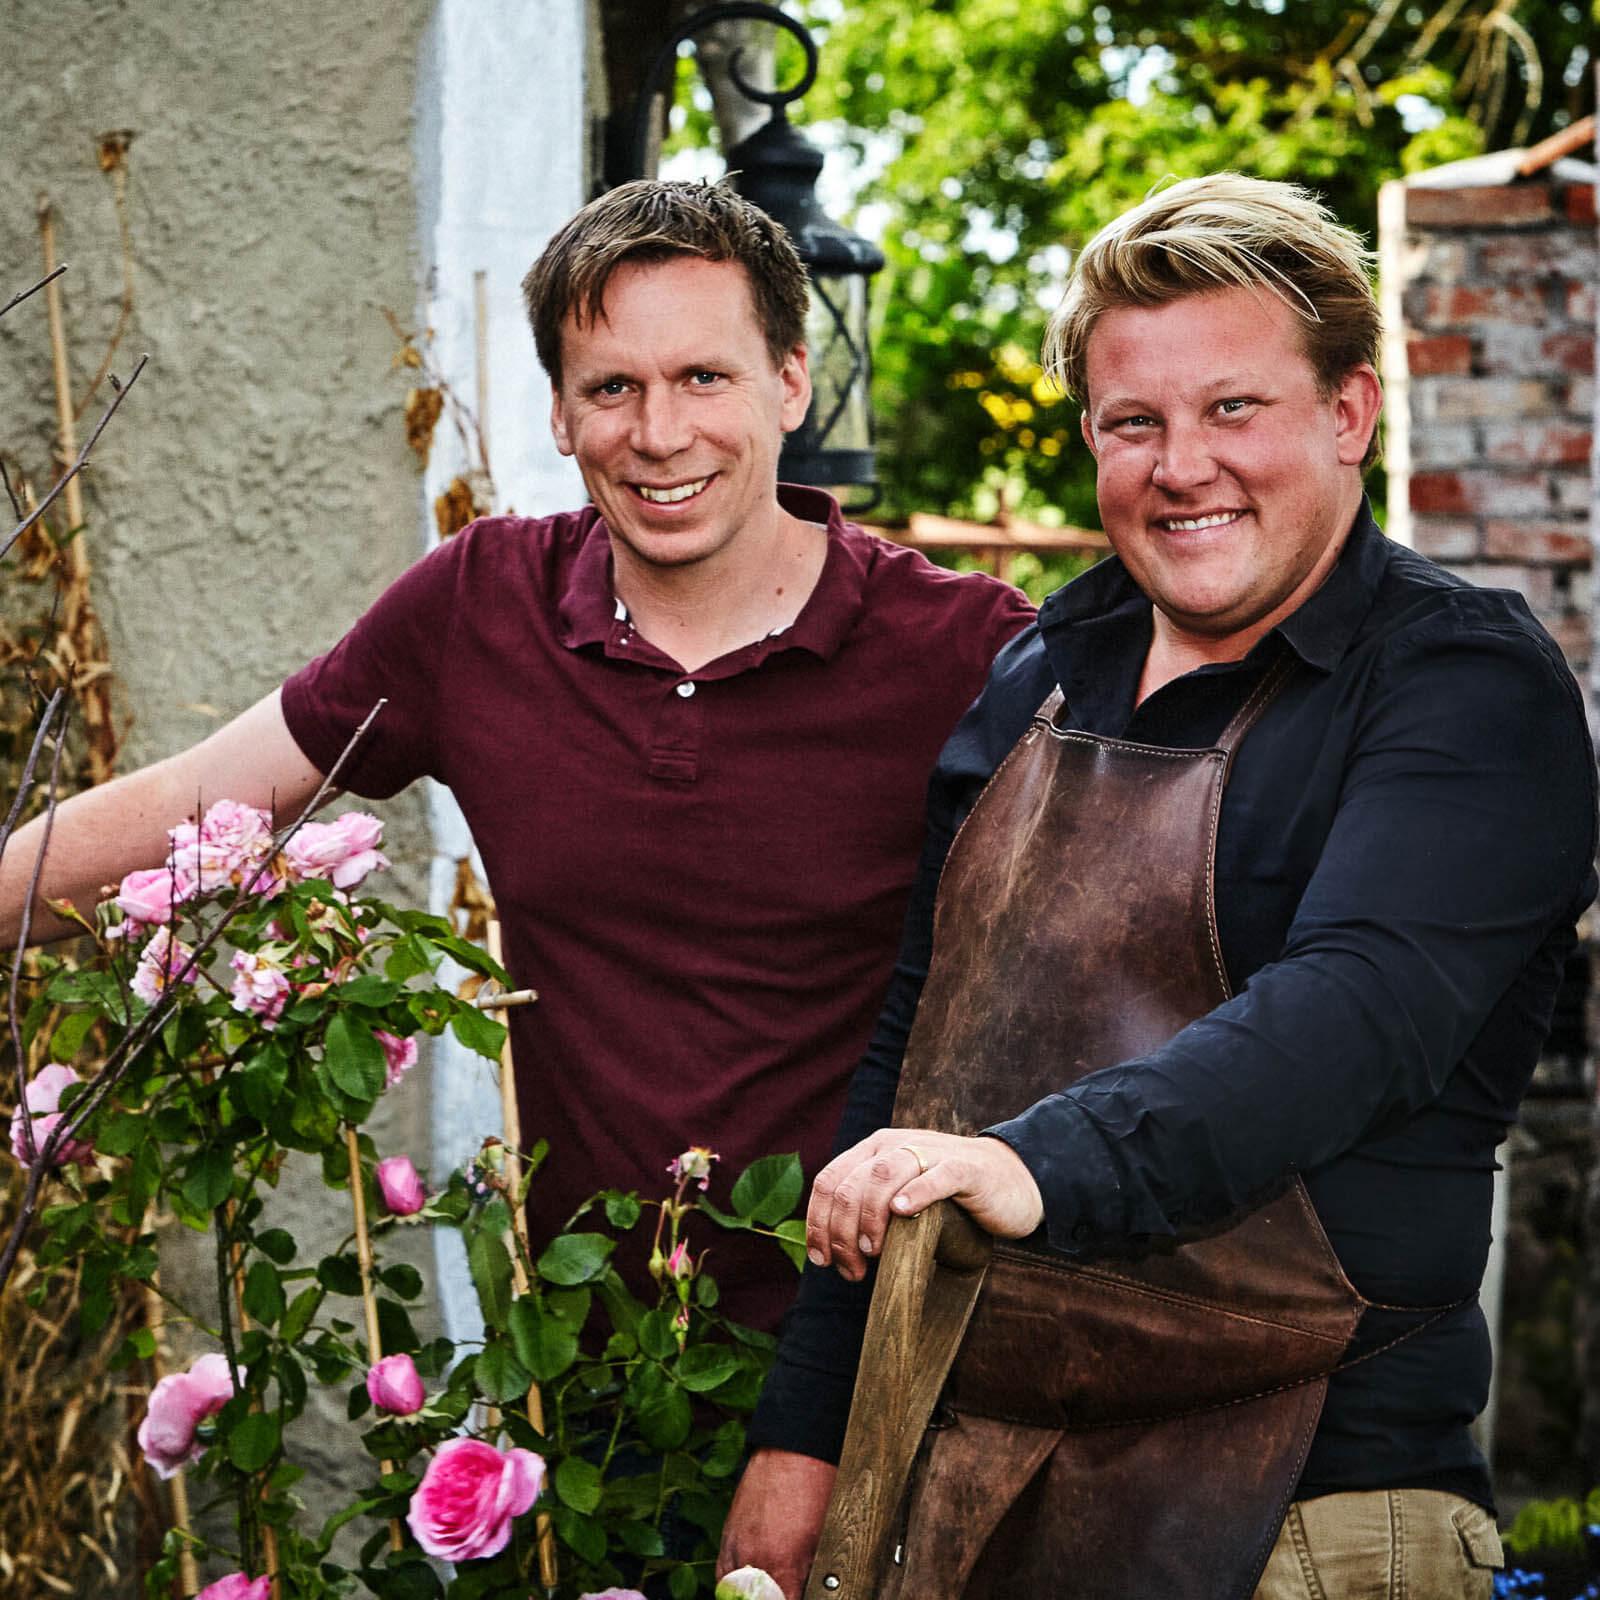 Stora planteringsveckan Karl Fredrik och Petter